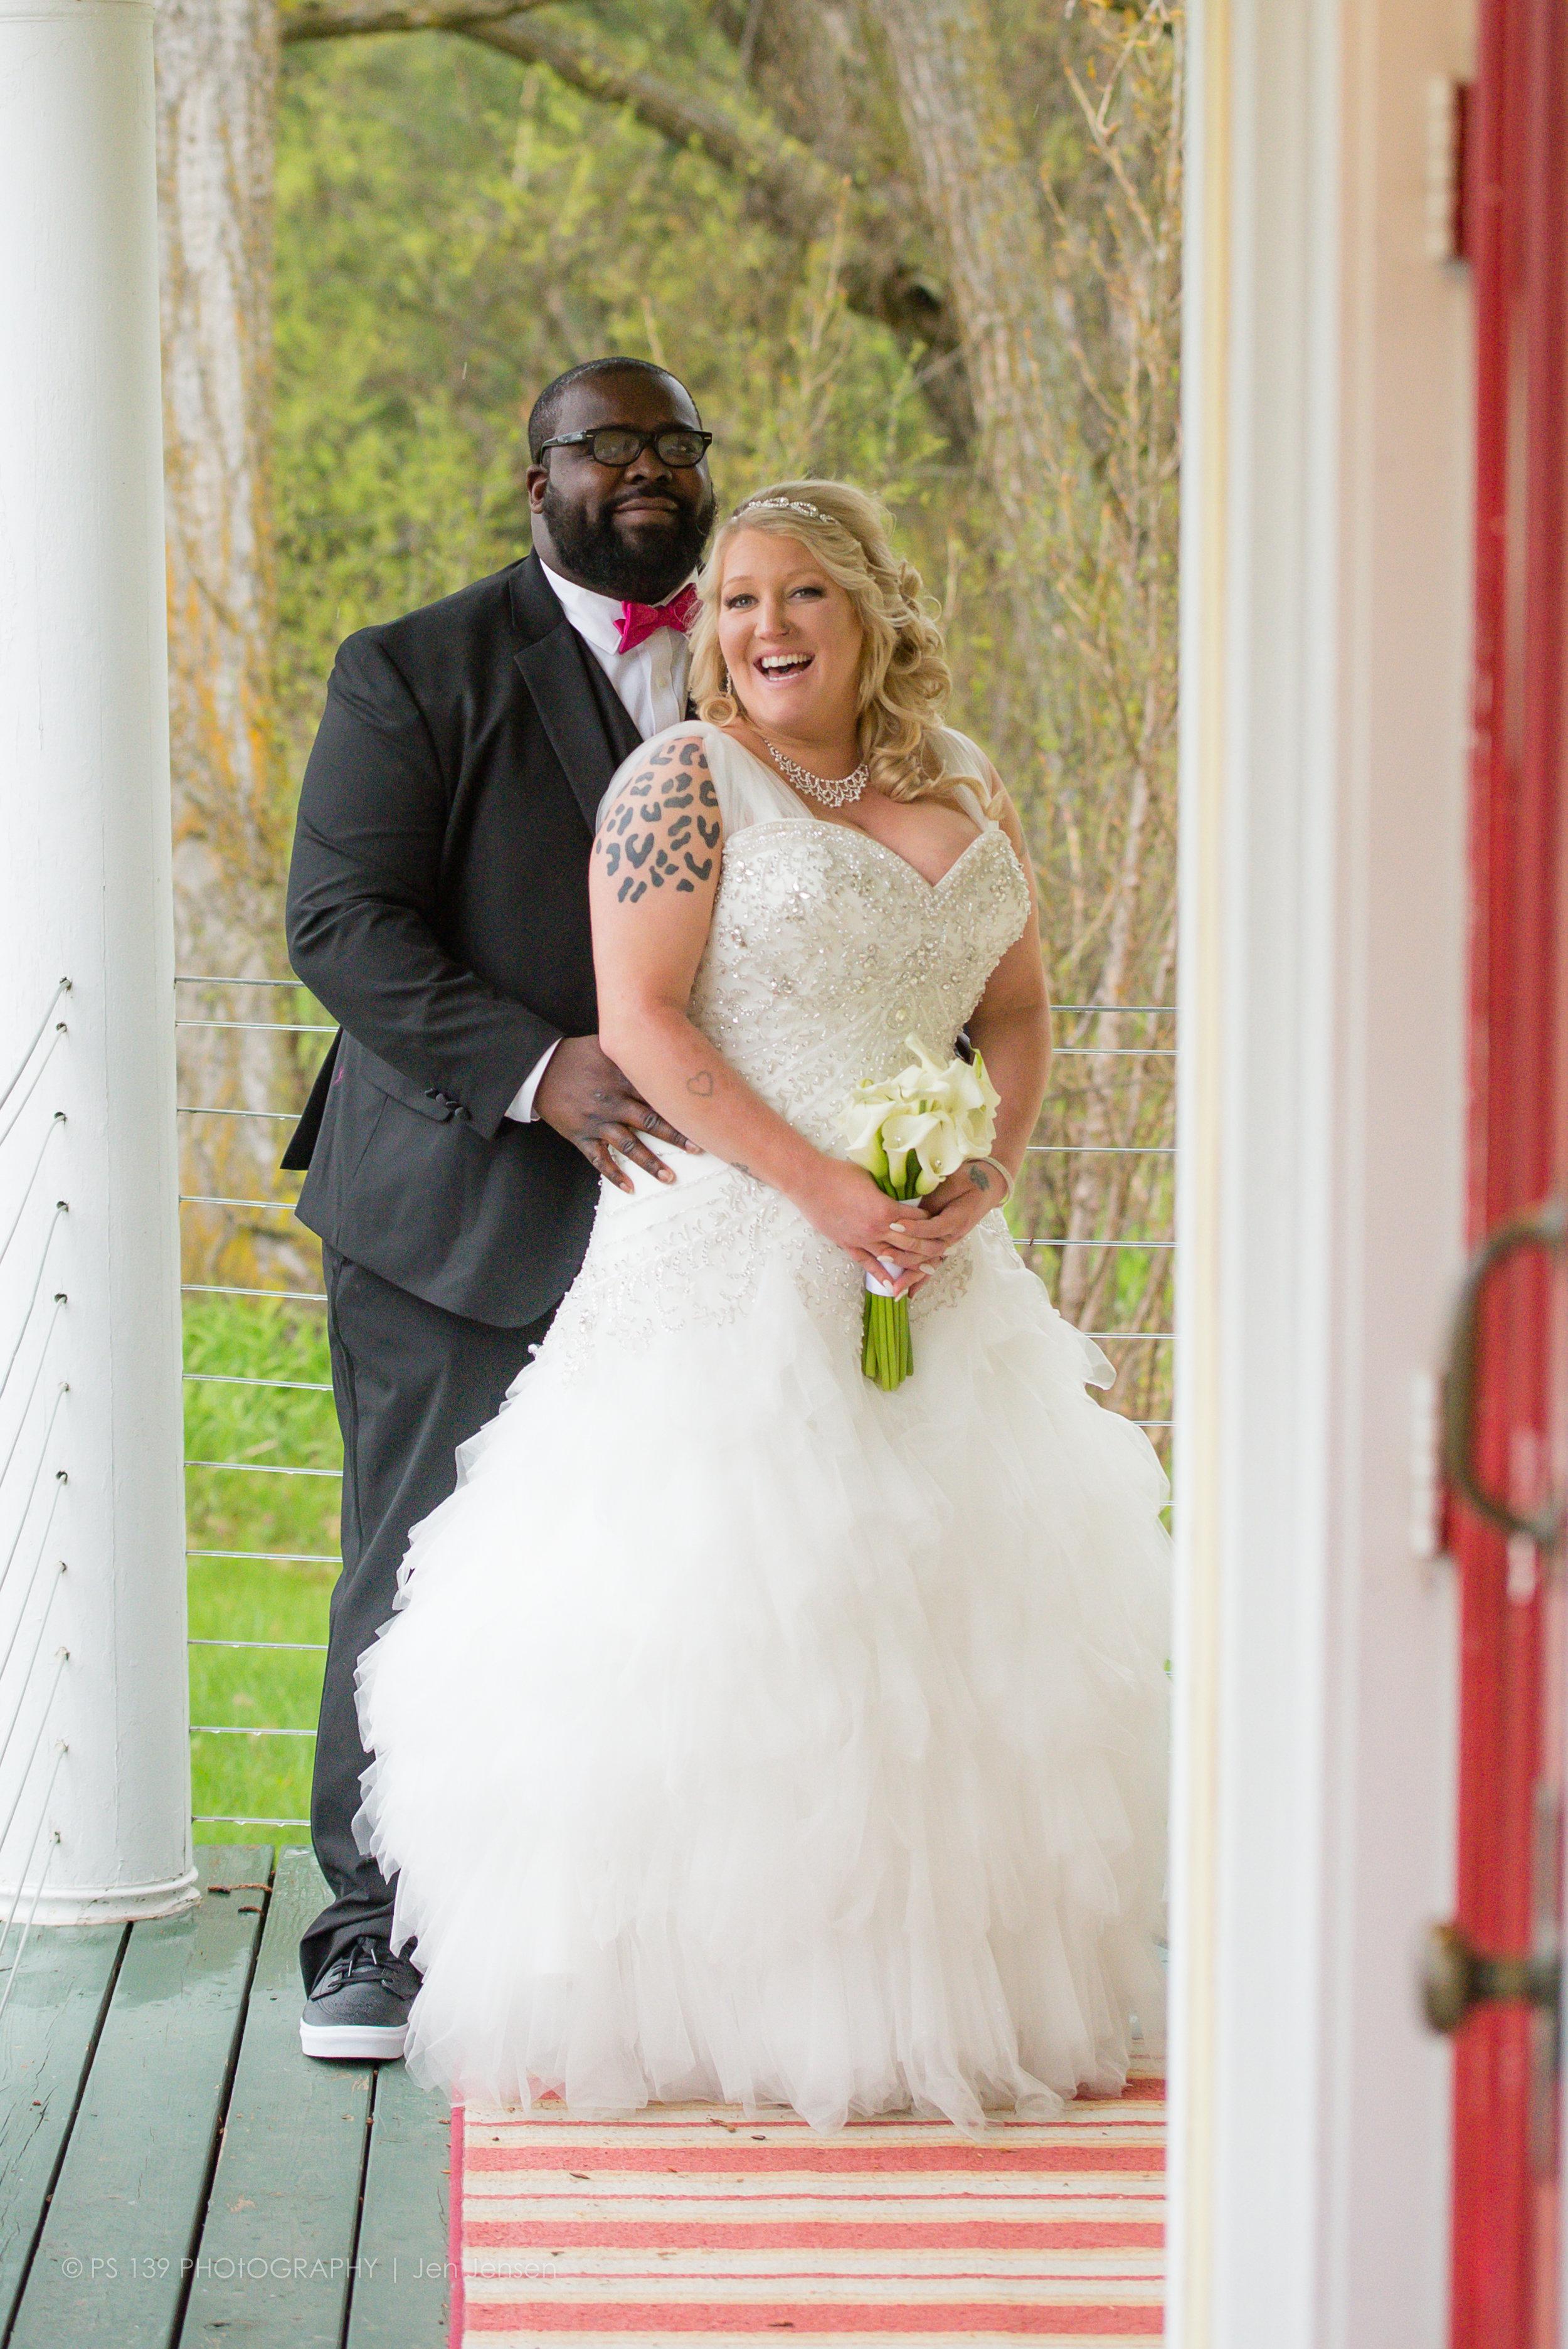 15-6798 - lacey leroy bayfield washburn wi wedding elopement.jpg